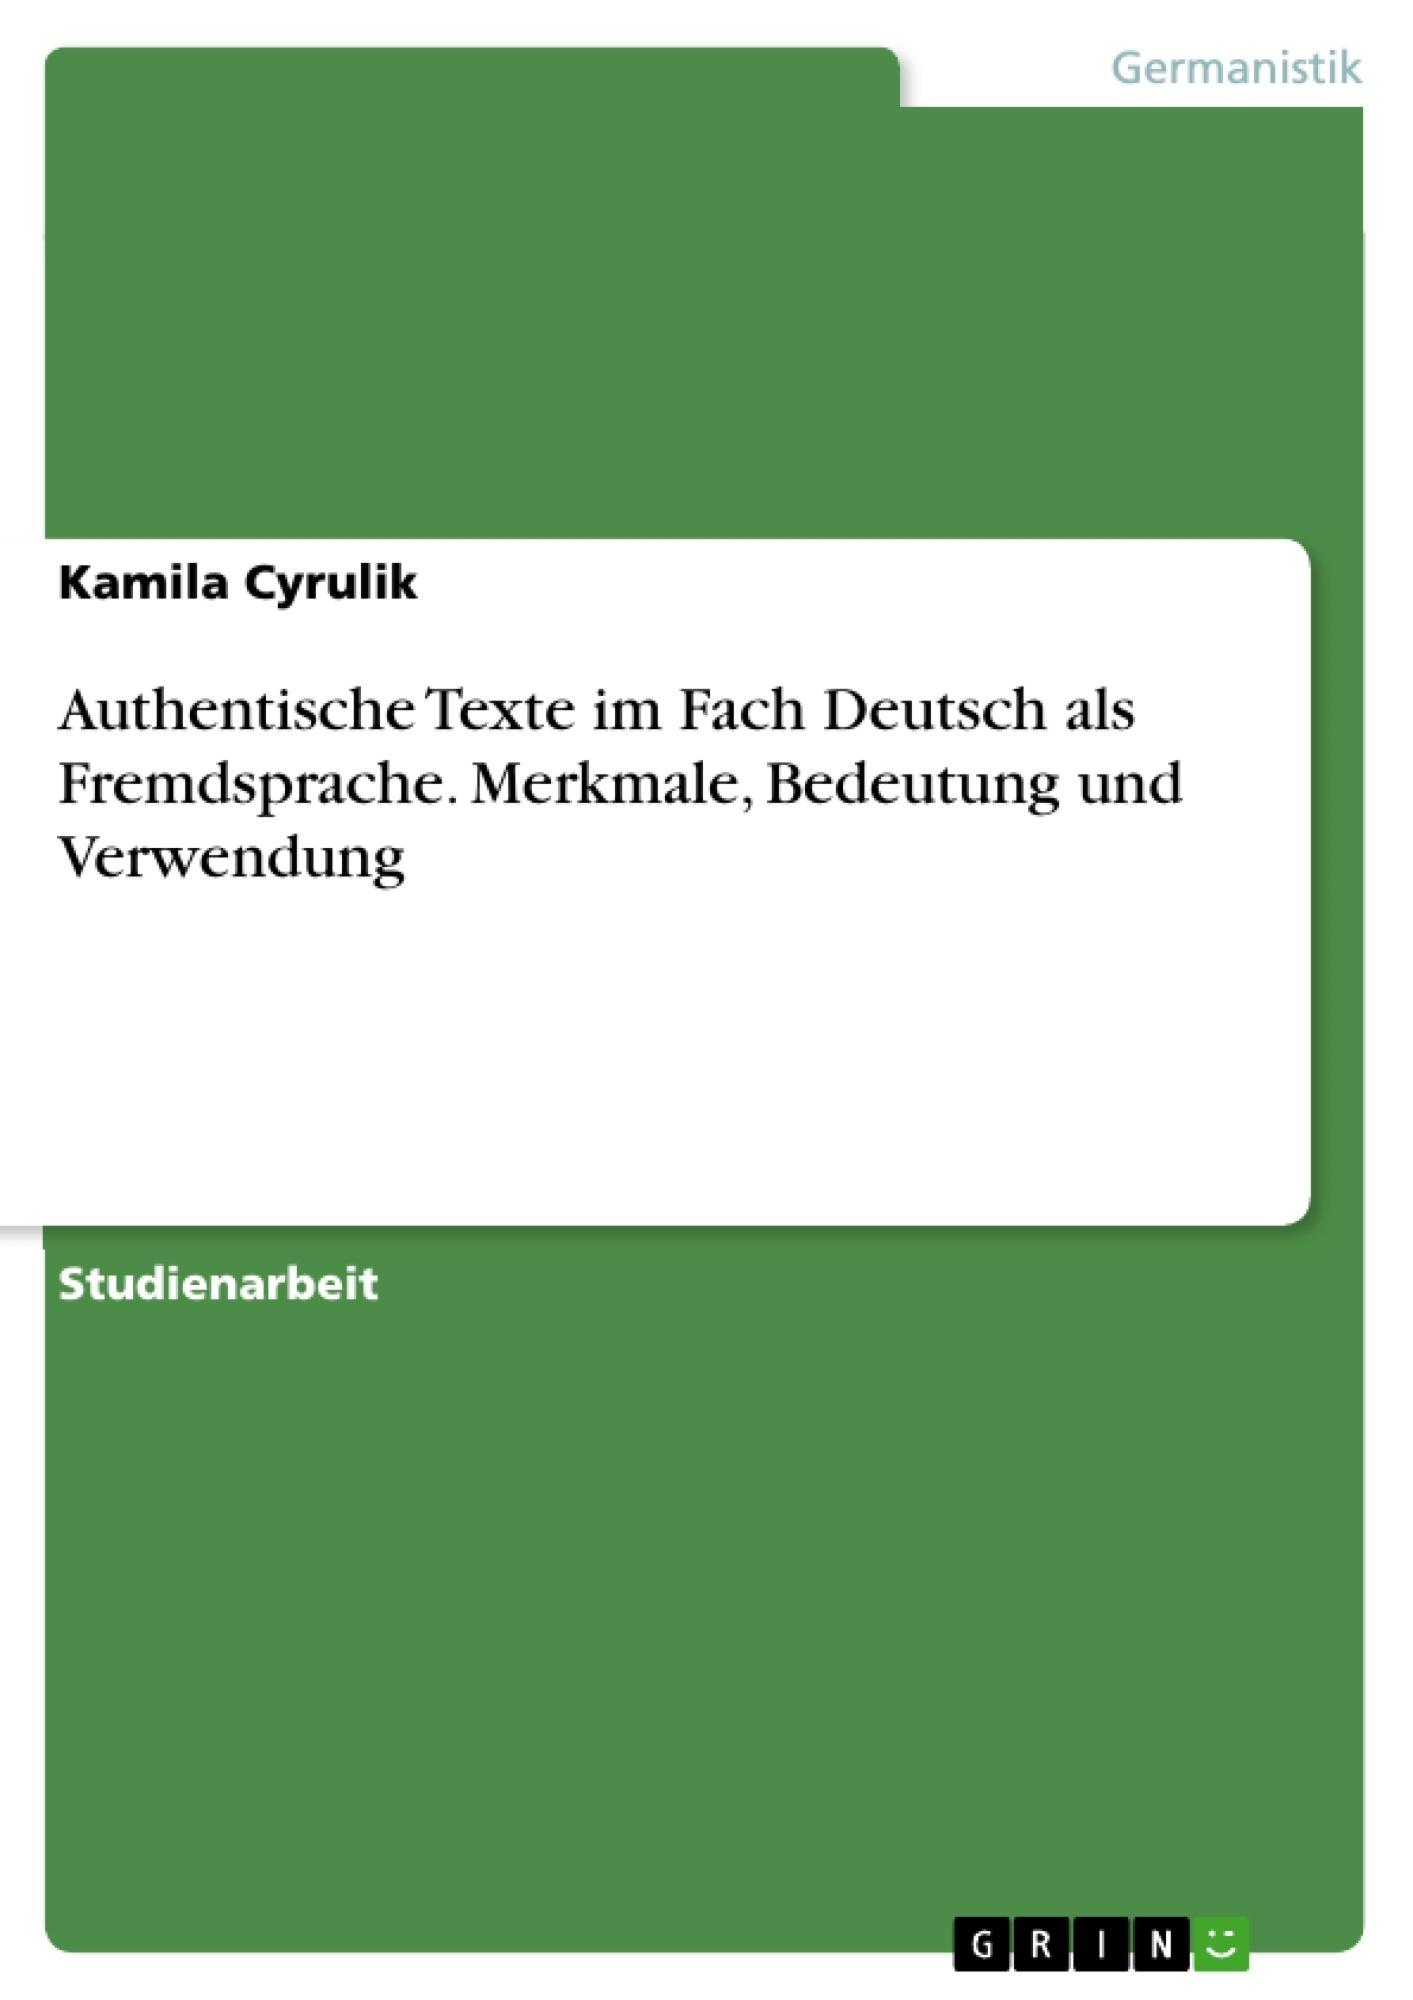 Titel: Authentische Texte im Fach Deutsch als Fremdsprache. Merkmale, Bedeutung und Verwendung